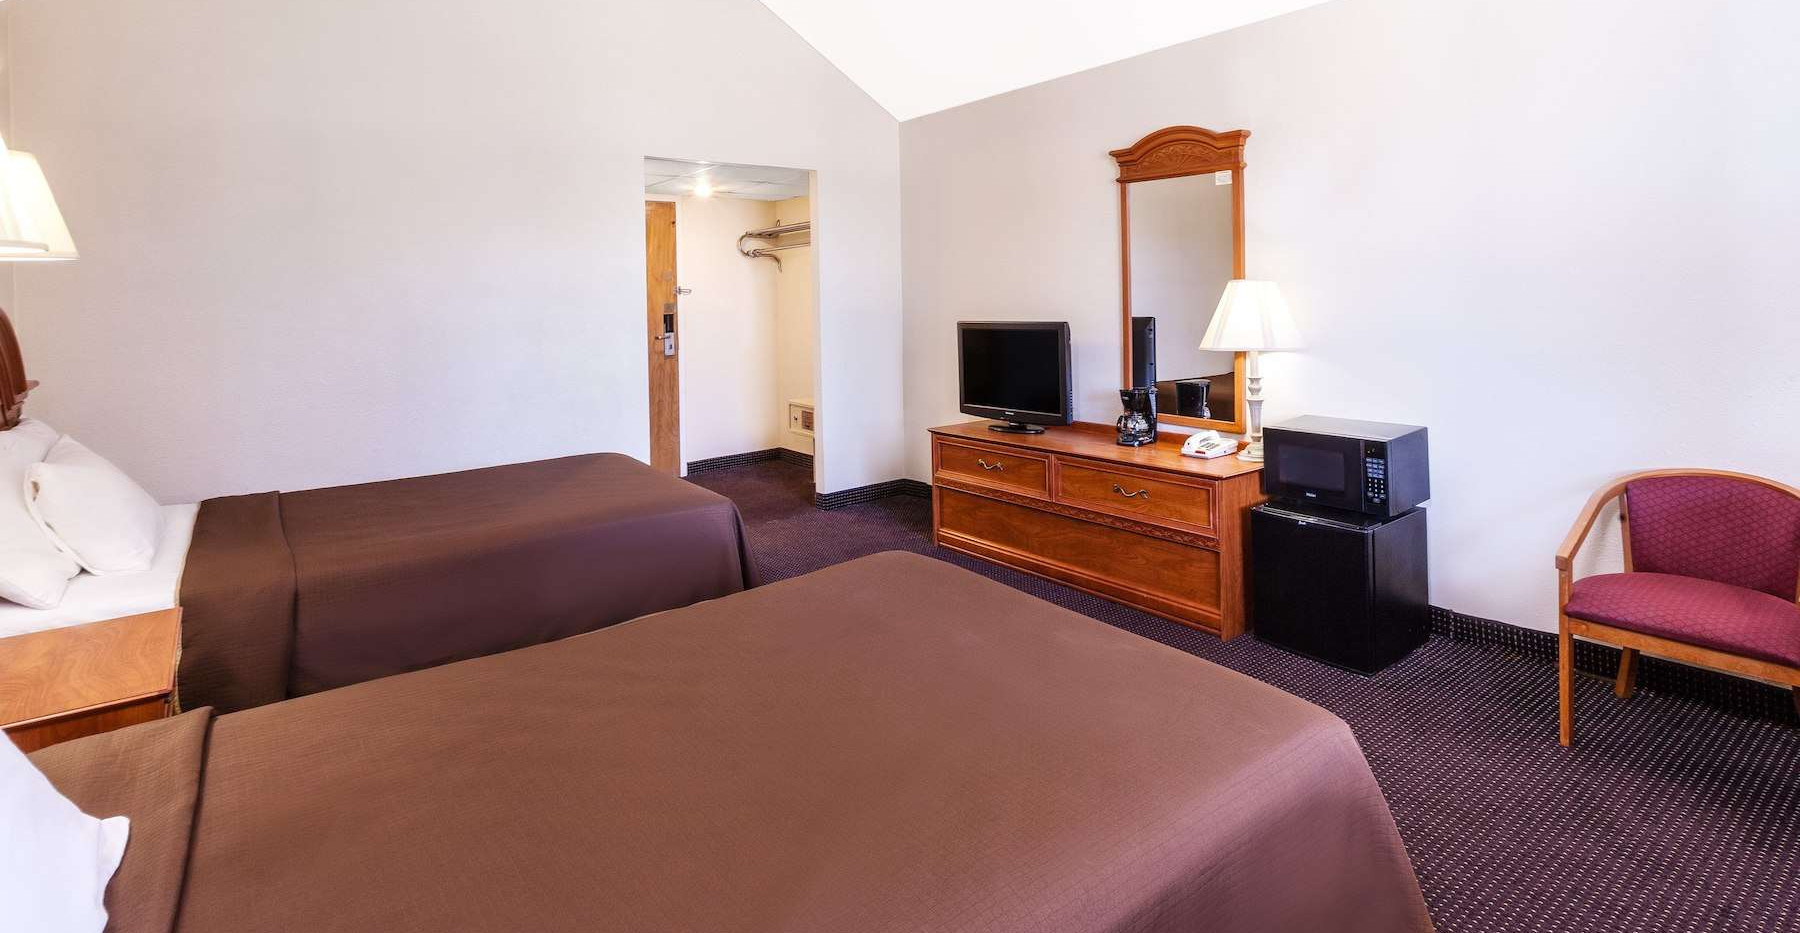 10713_guest_room_5.jpg